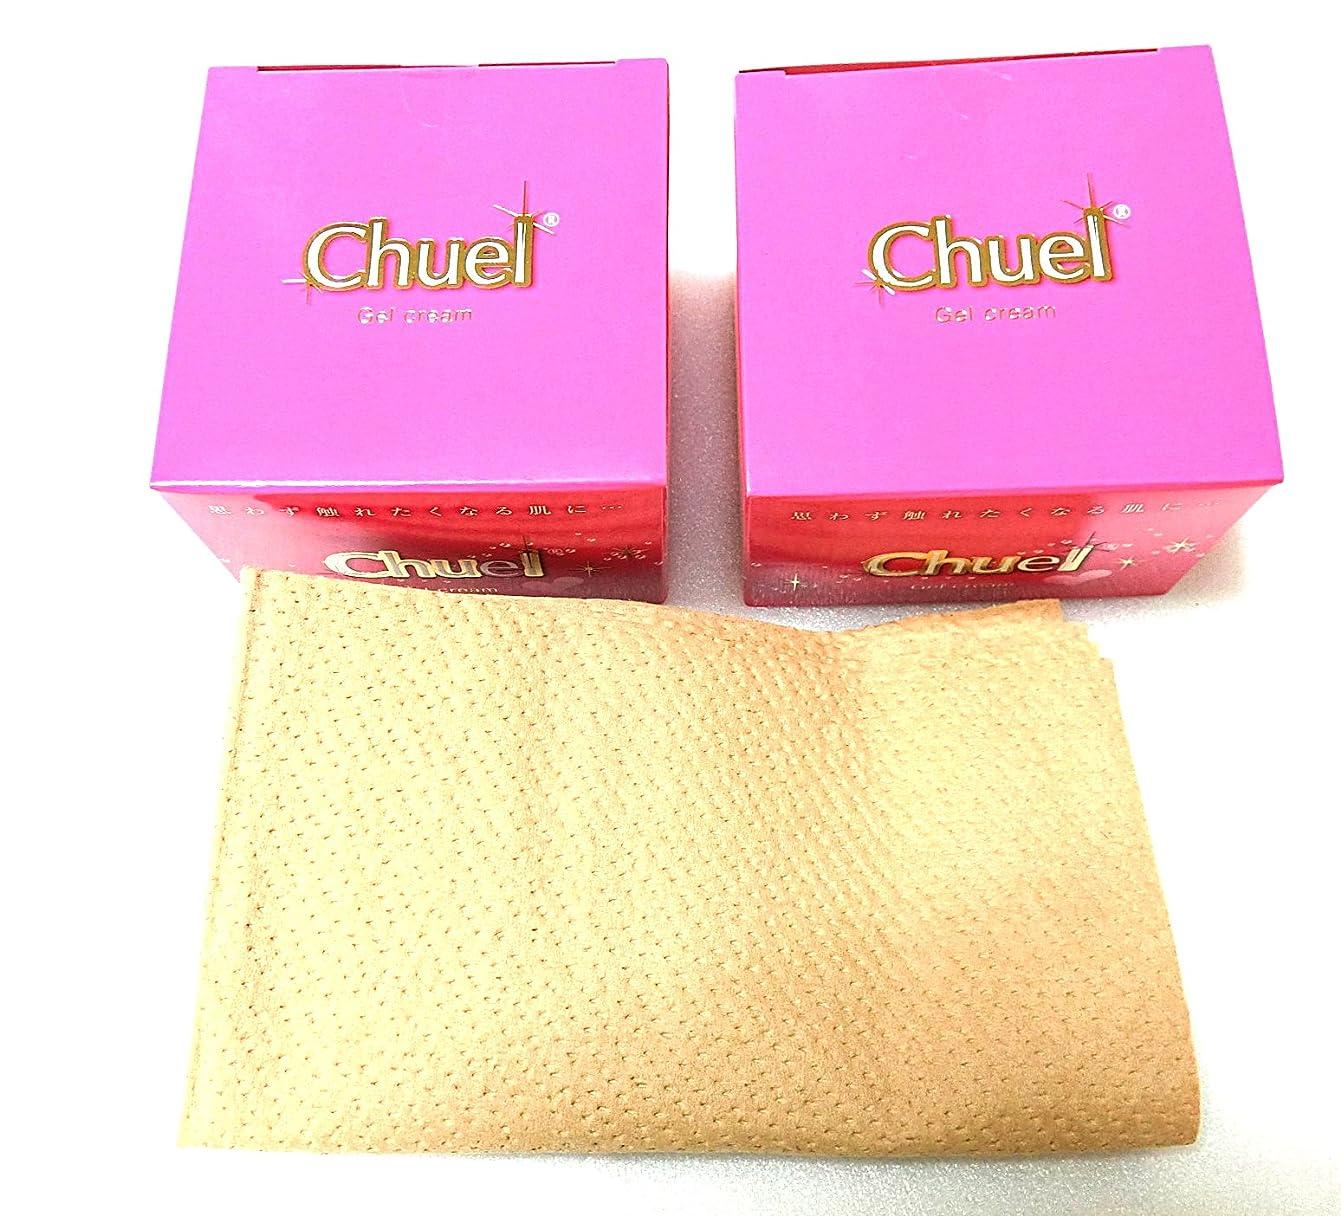 ファックスバッテリードラムNEW Chuel(チュエル) 増量 180g 2個セット 使い捨て紙ウエス1枚付属